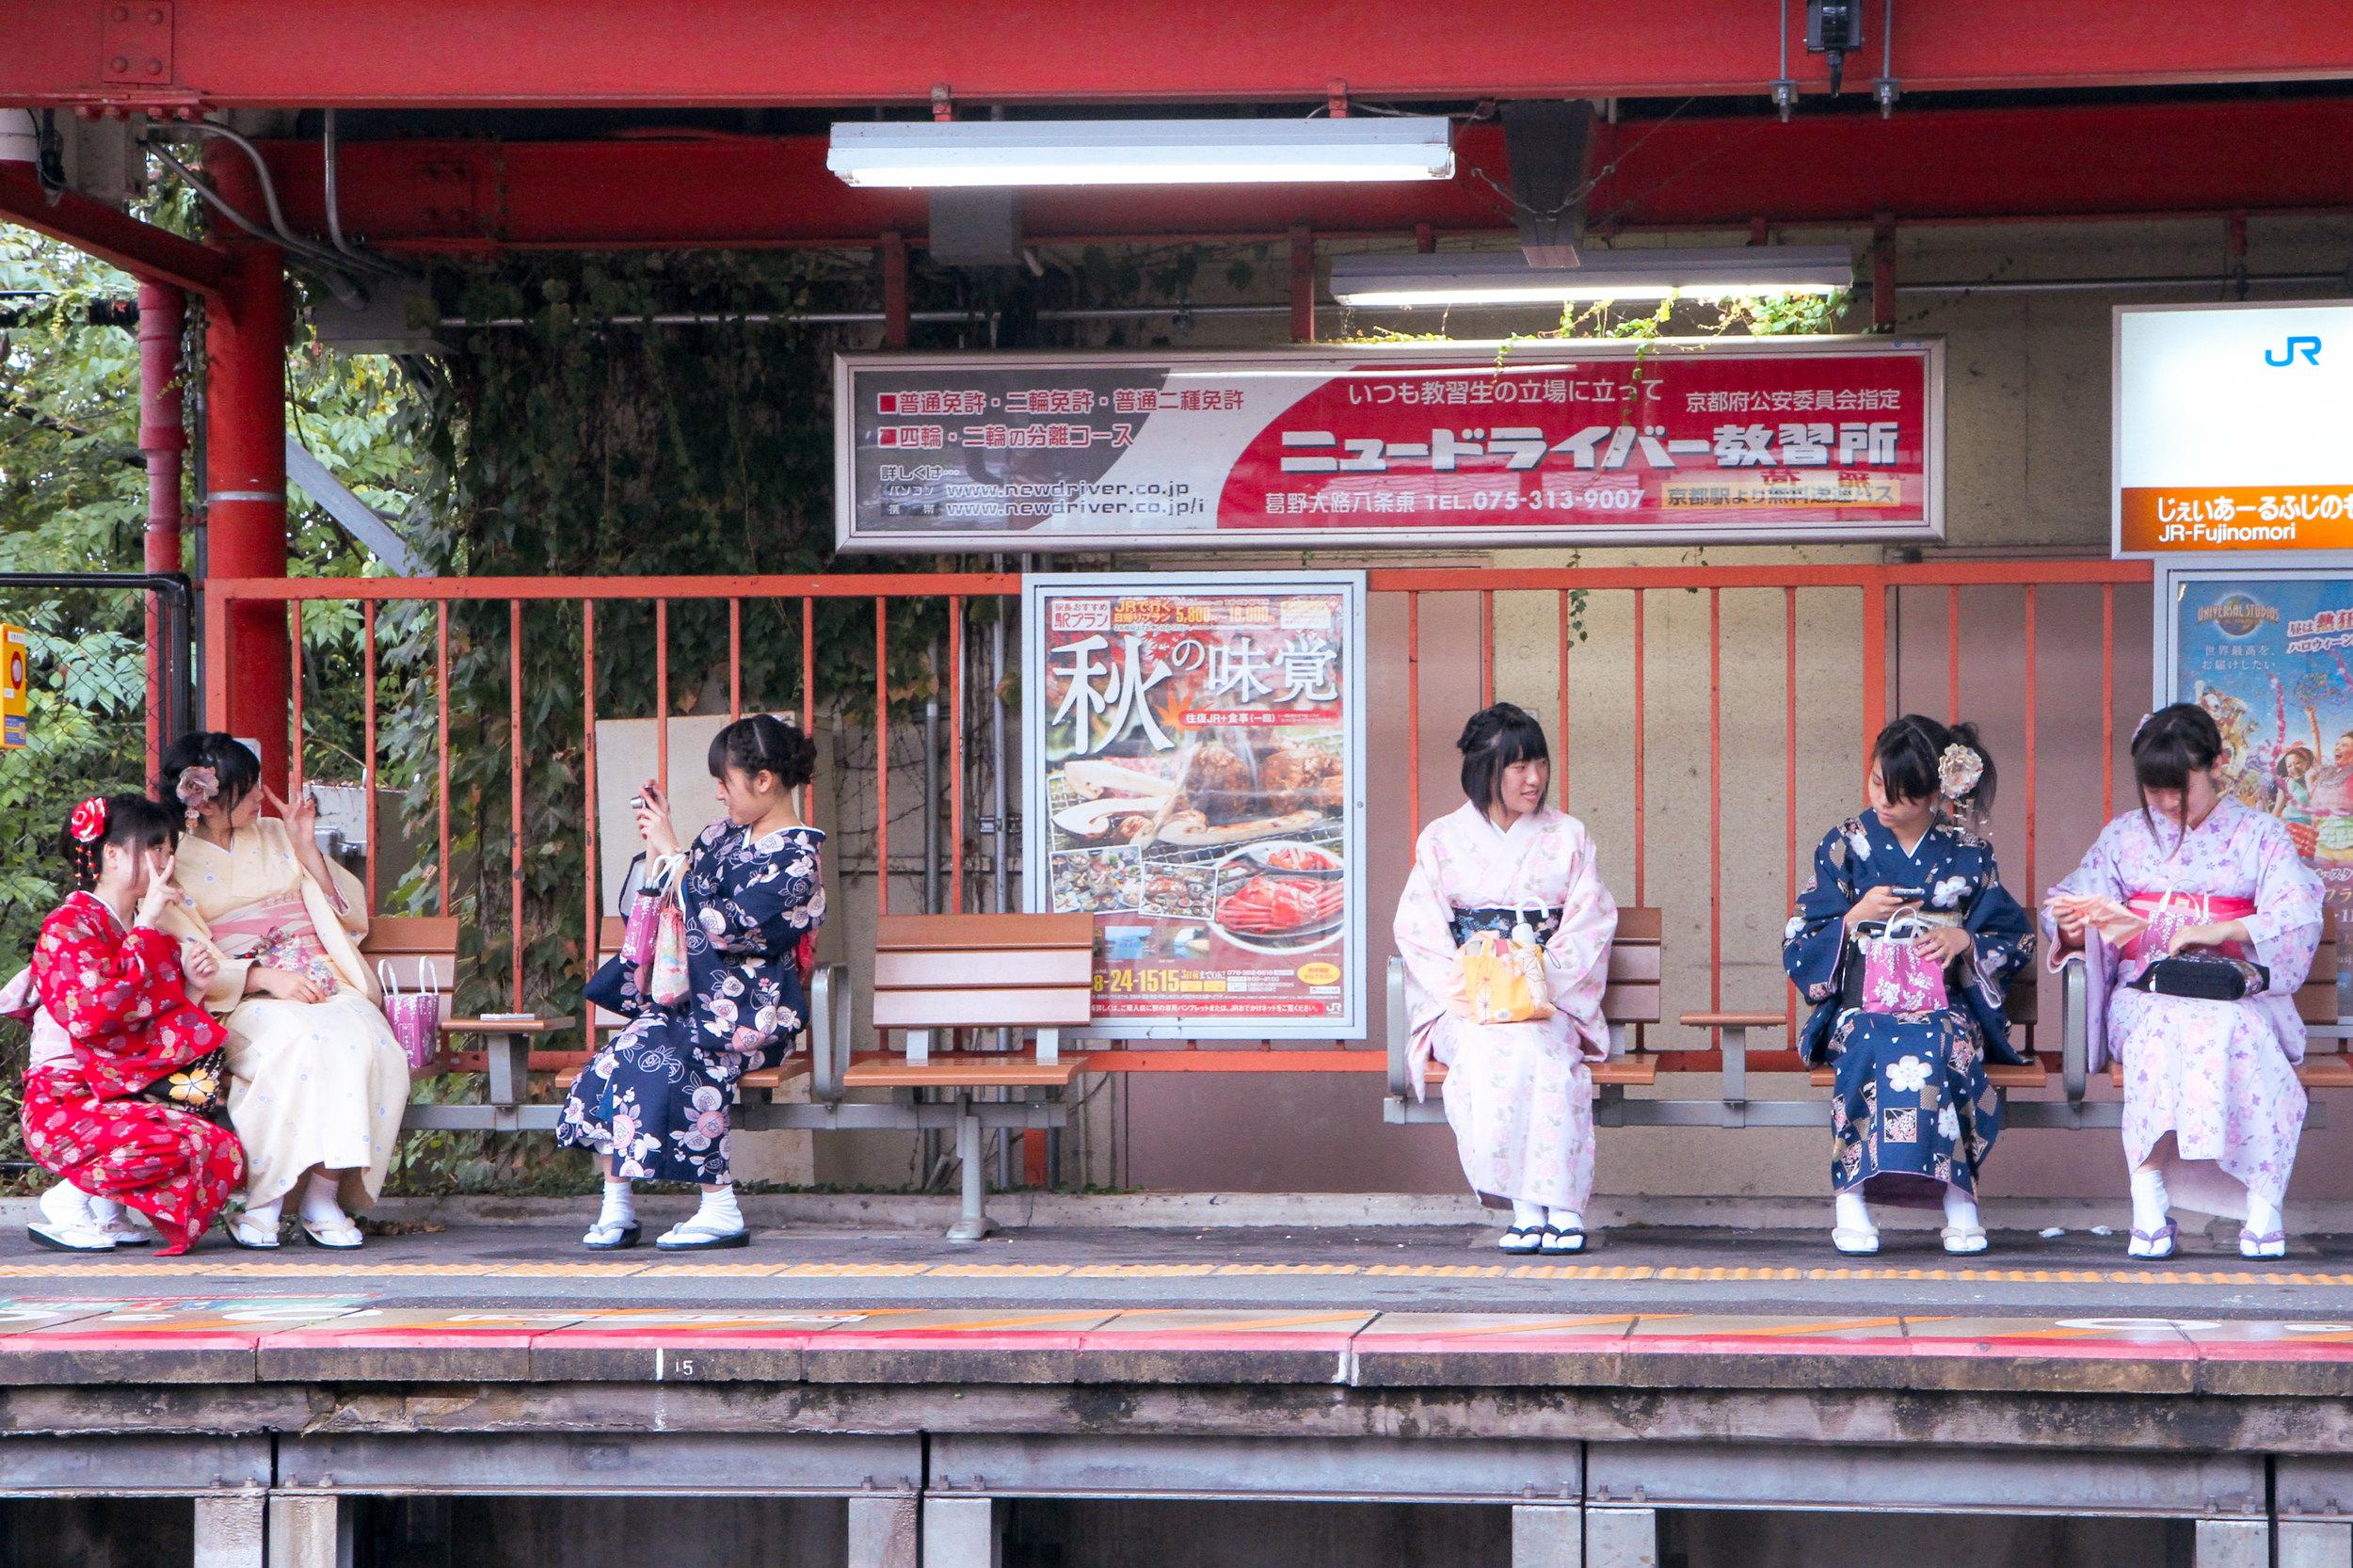 Traditional-Girls-at-Subway.jpg